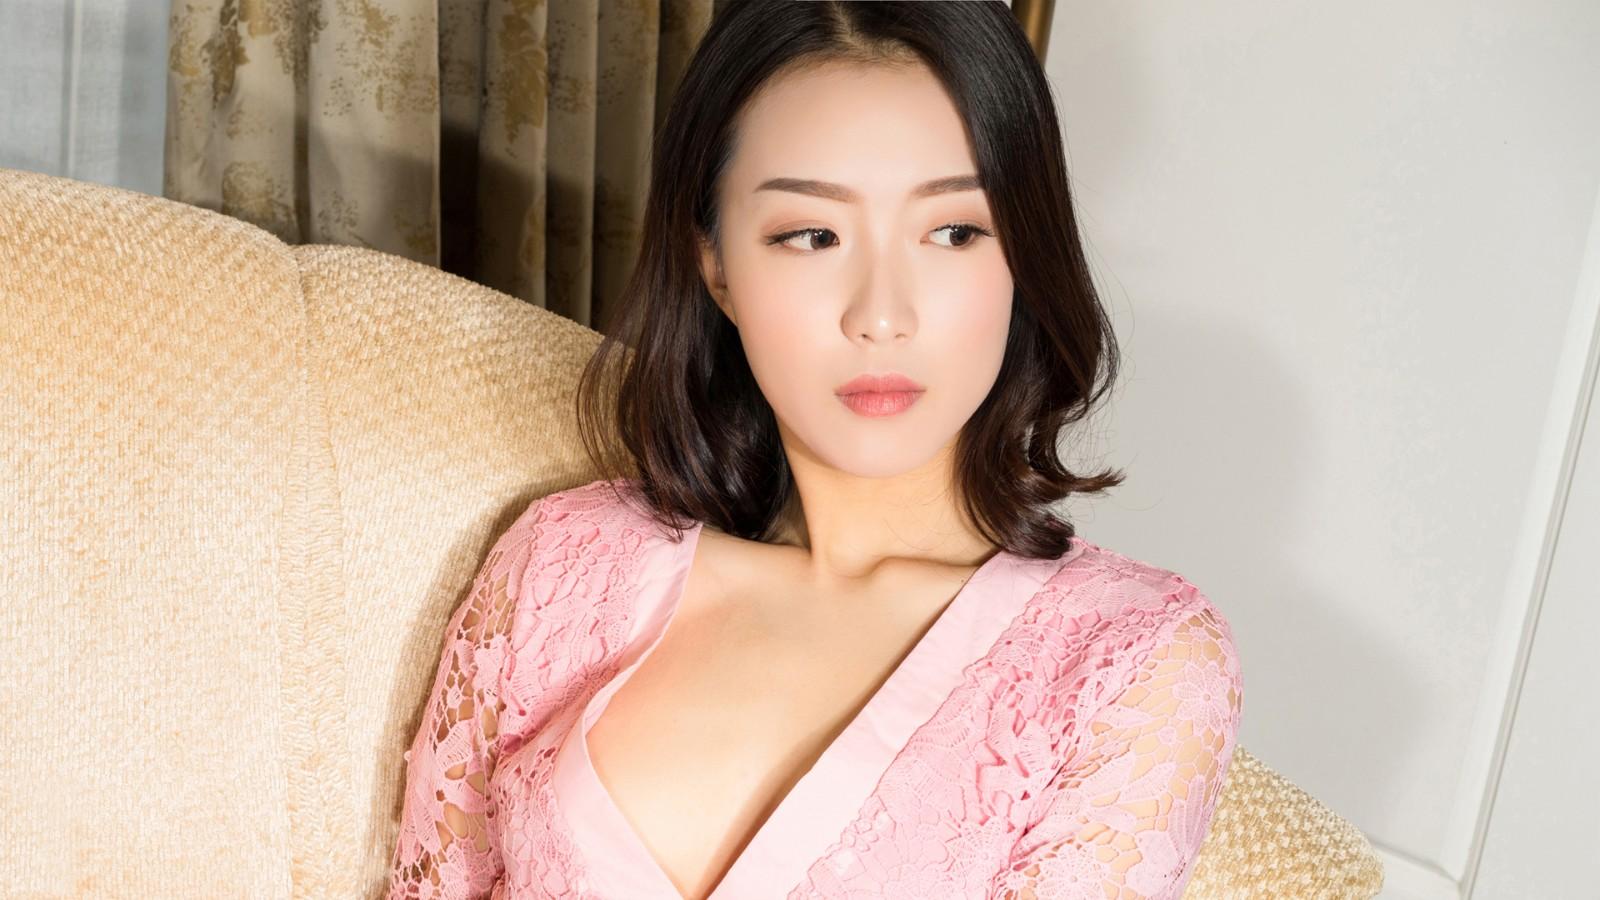 小羽 粉色睡衣美女2k壁纸